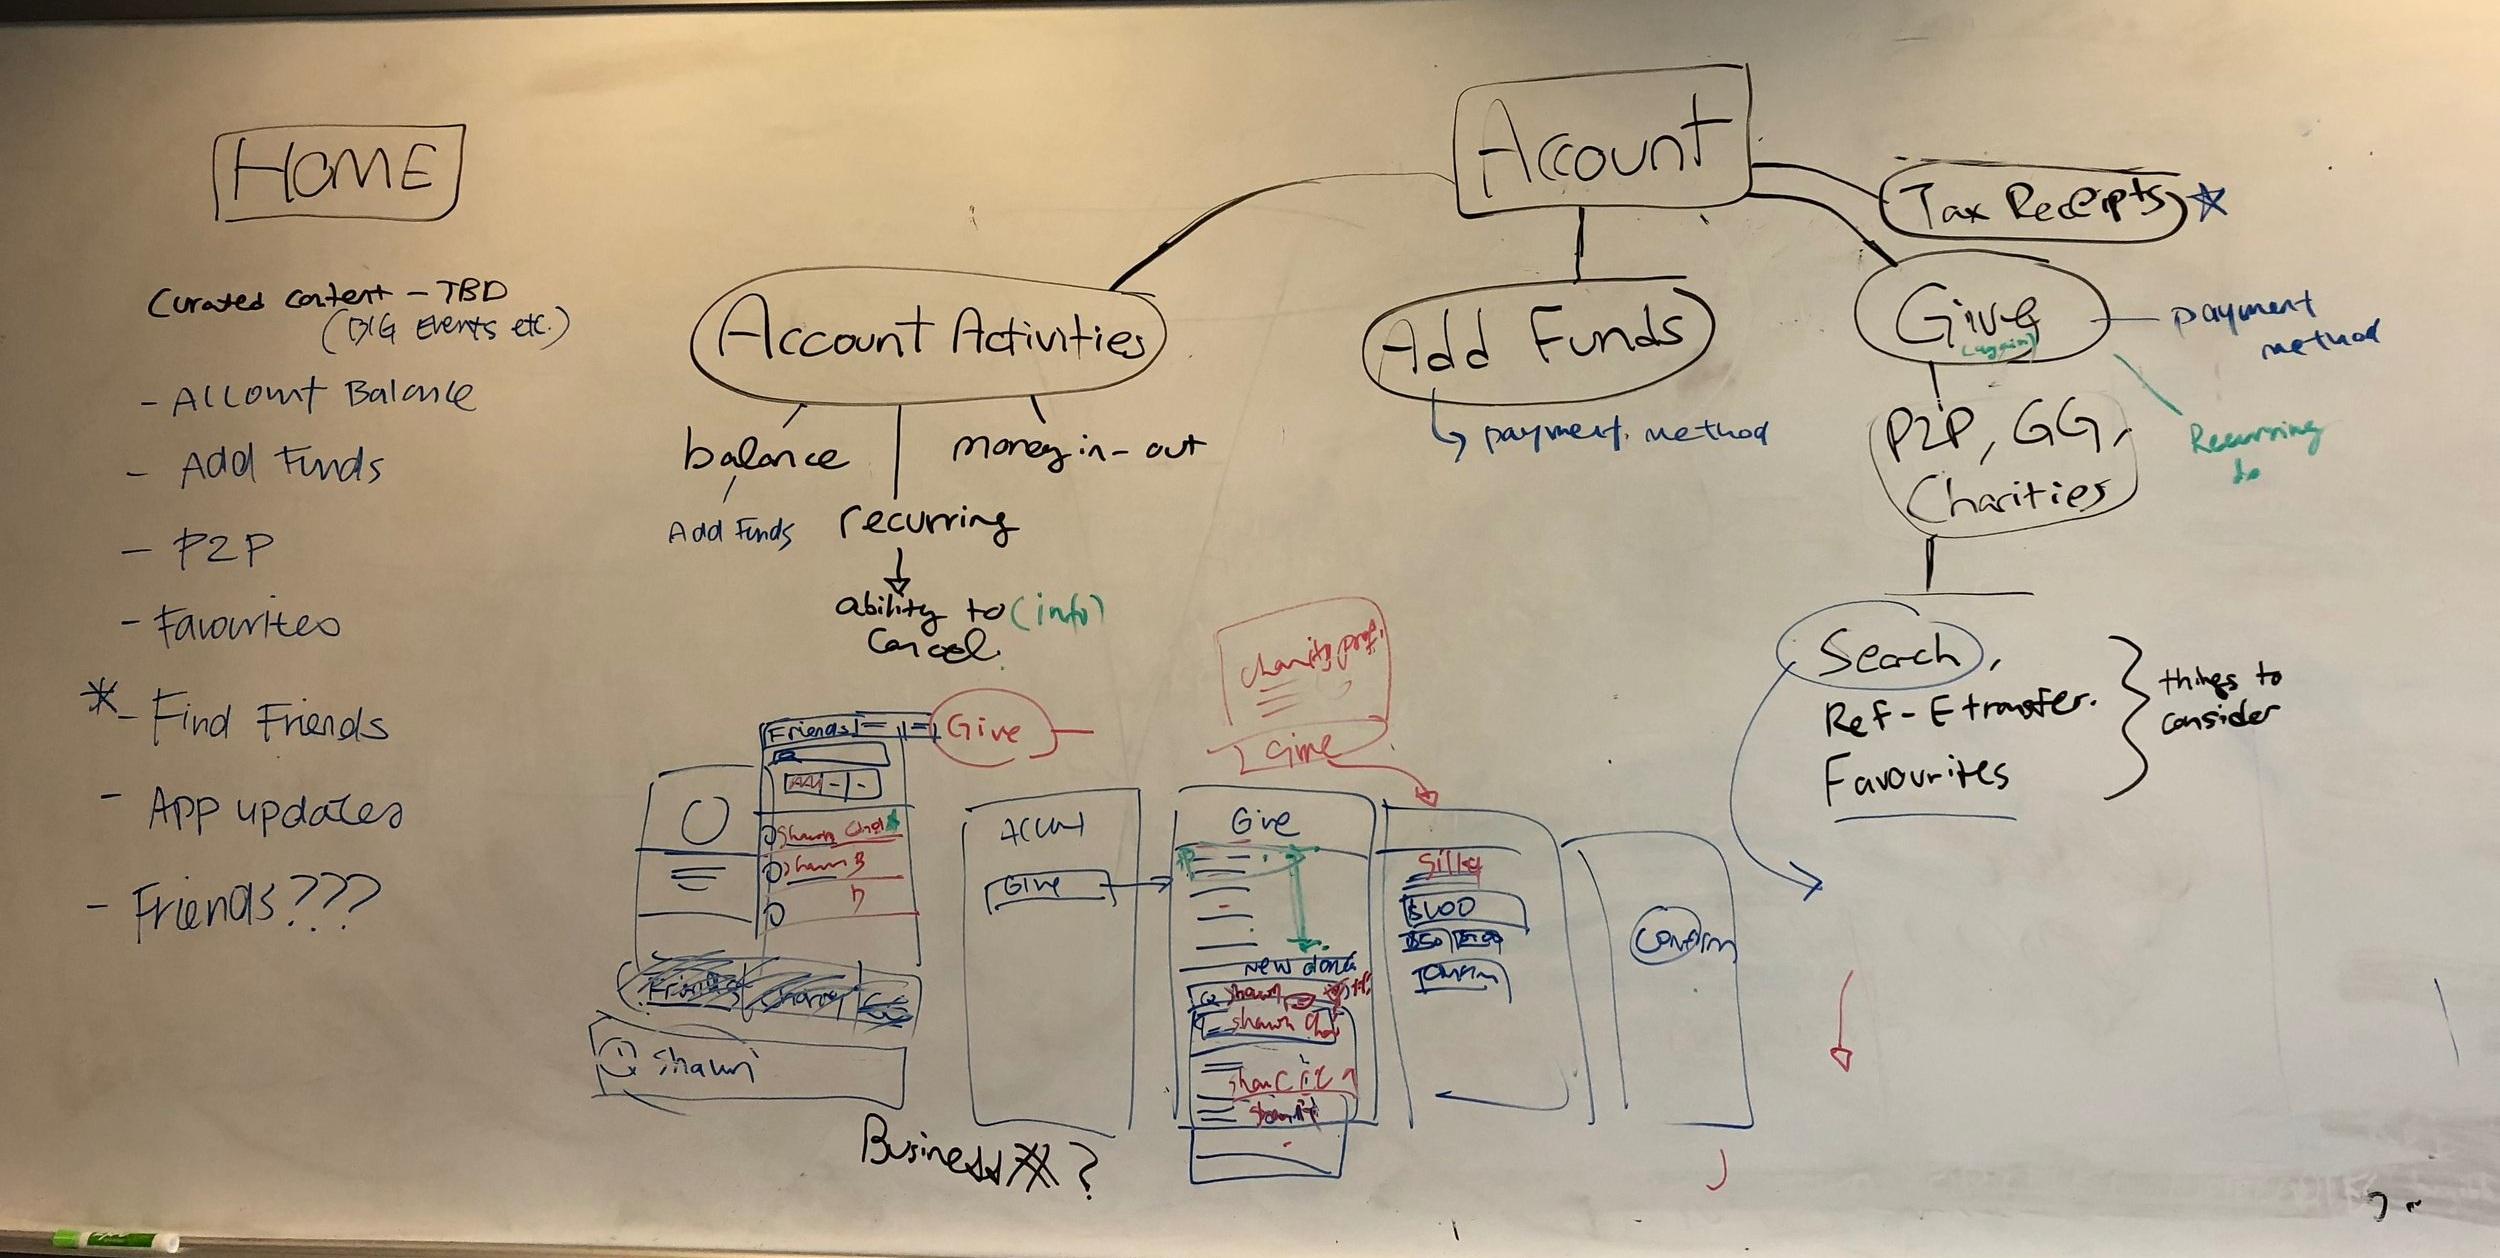 Refining user flows